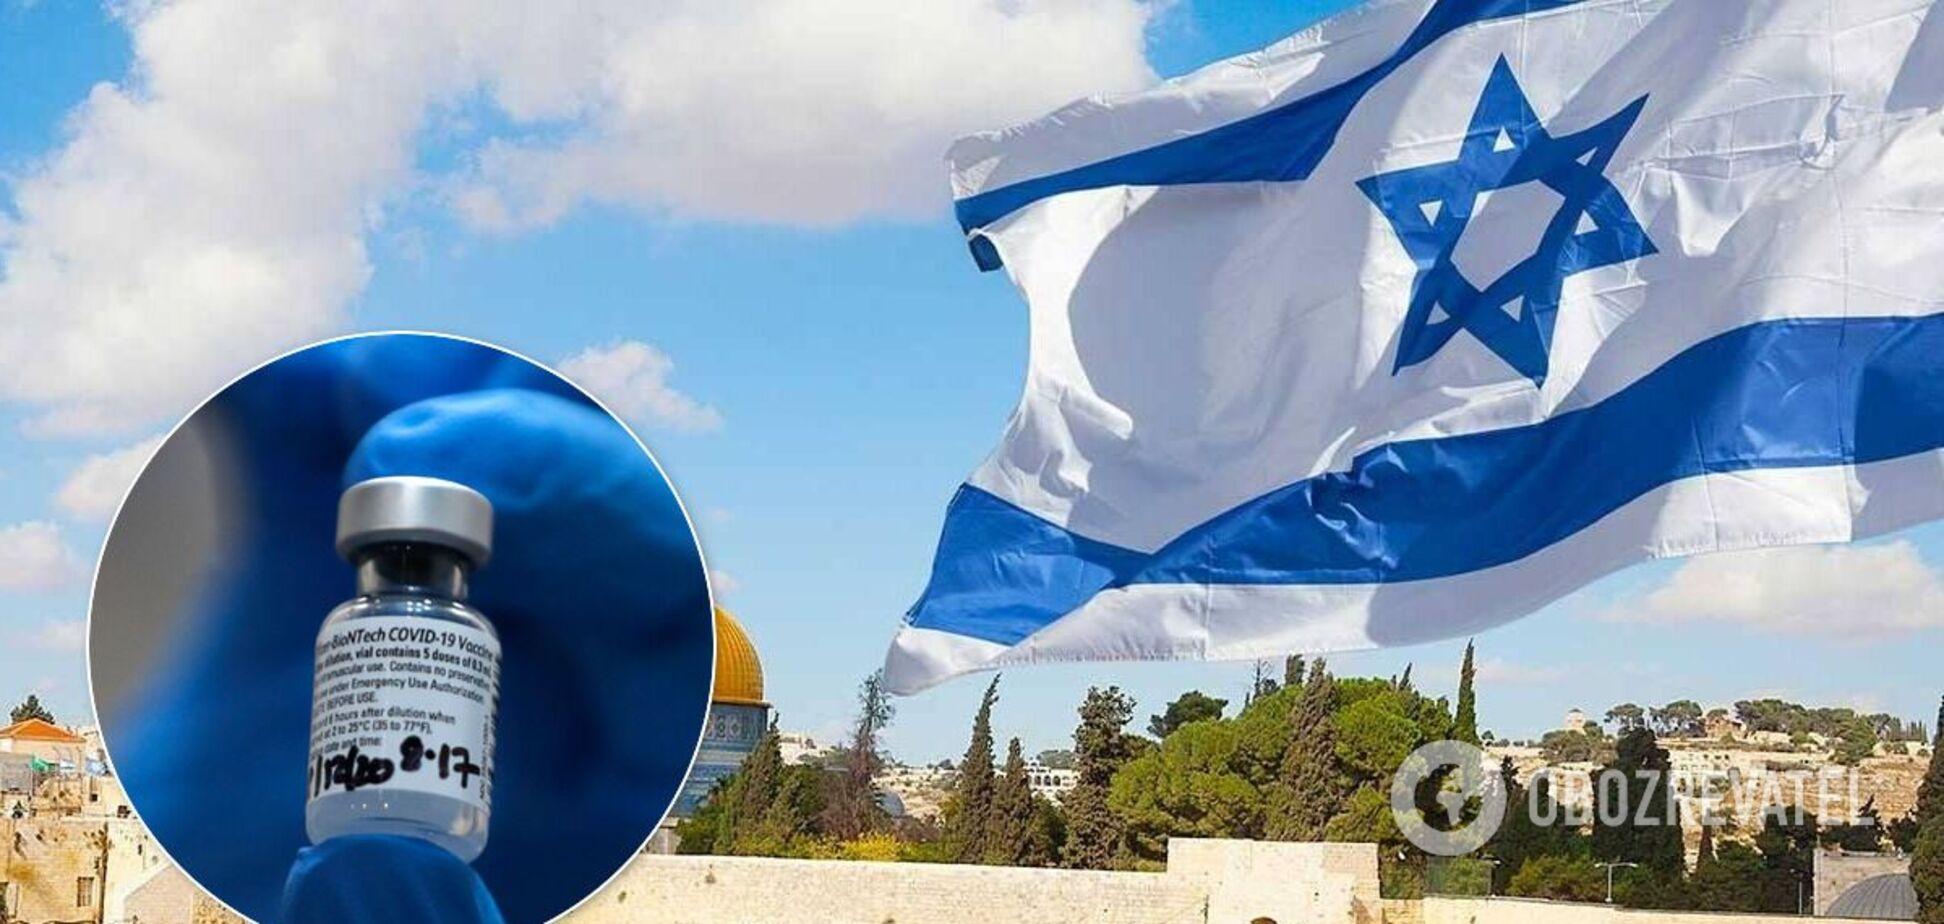 Почему Израиль победил COVID-19? Потому что евреи умные